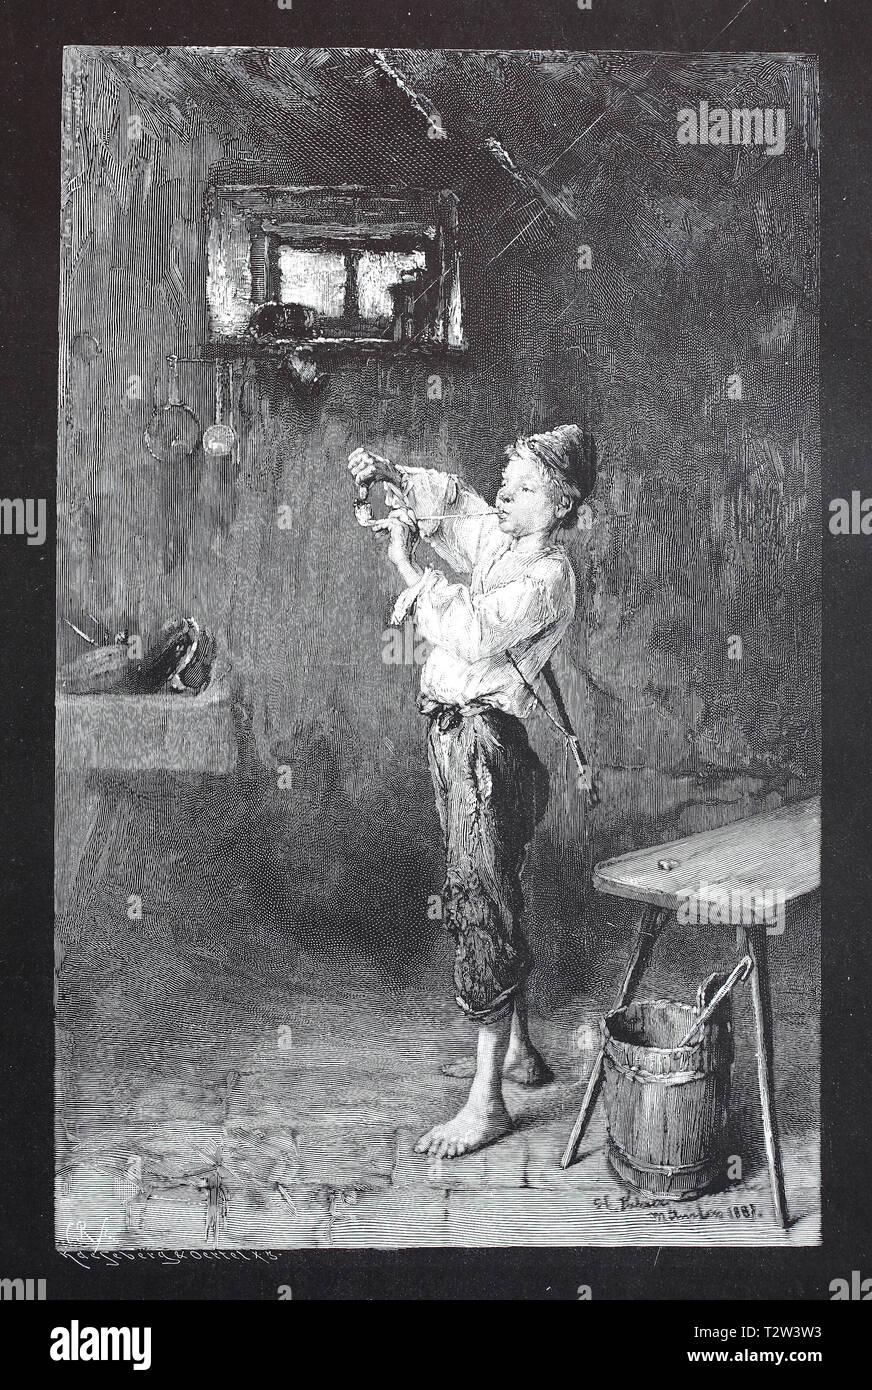 The apprentice tries to light in vain in the workshop a whistle, Der Lehrjunge versucht vergeblich in der Werkstatt eine Pfeife anzuzünden - Stock Image